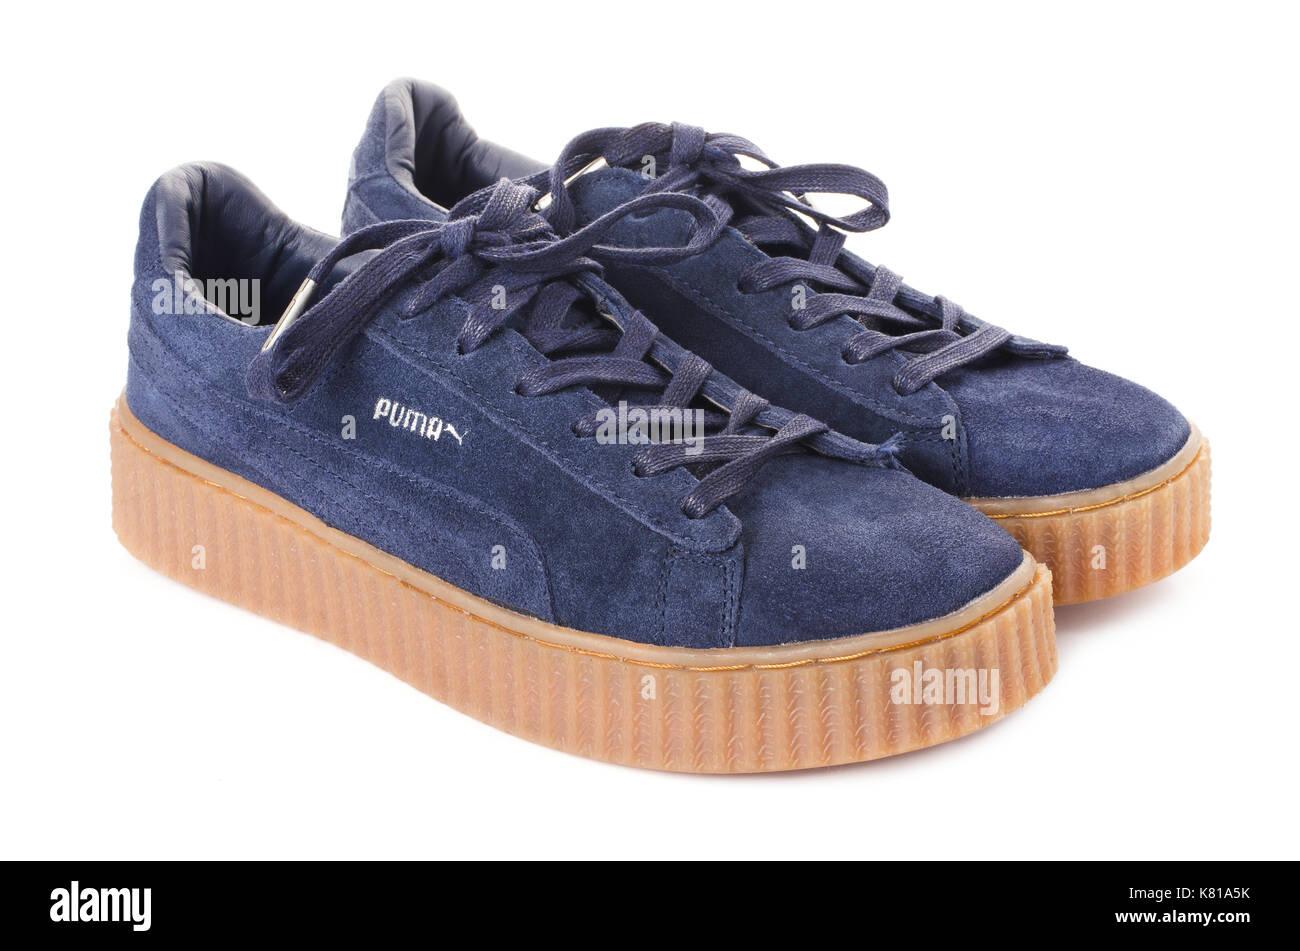 Blaue Puma Turnschuhe Stockfotos und bilder Kaufen Alamy